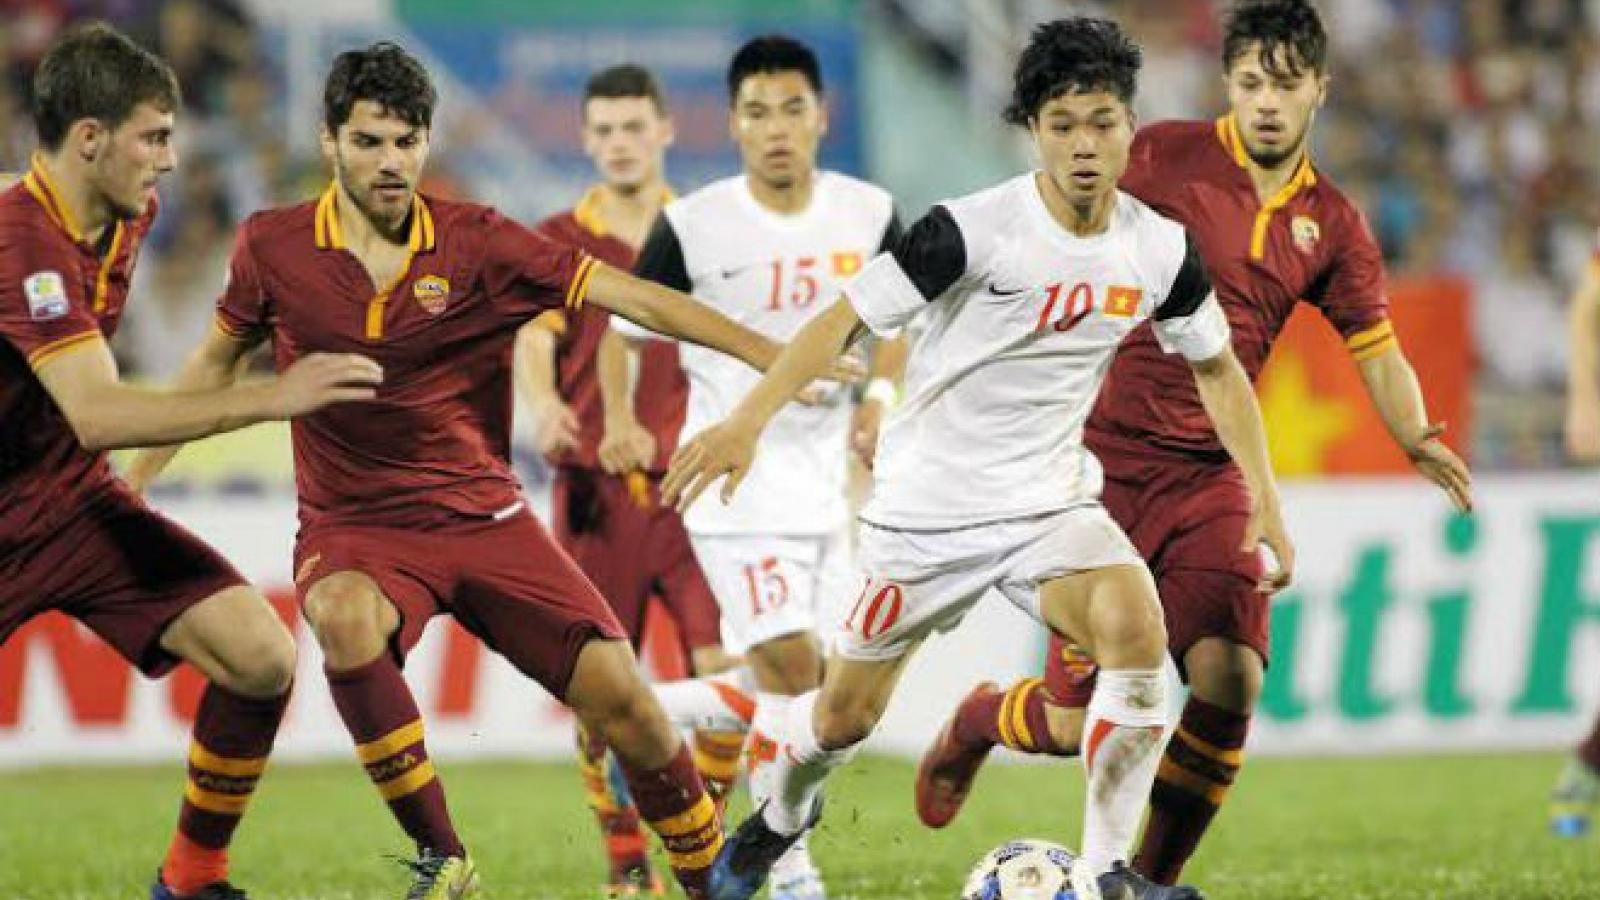 Công Phượng, Tuấn Anh và U19 Việt Nam từng chơi tiki-taka như thế nào?